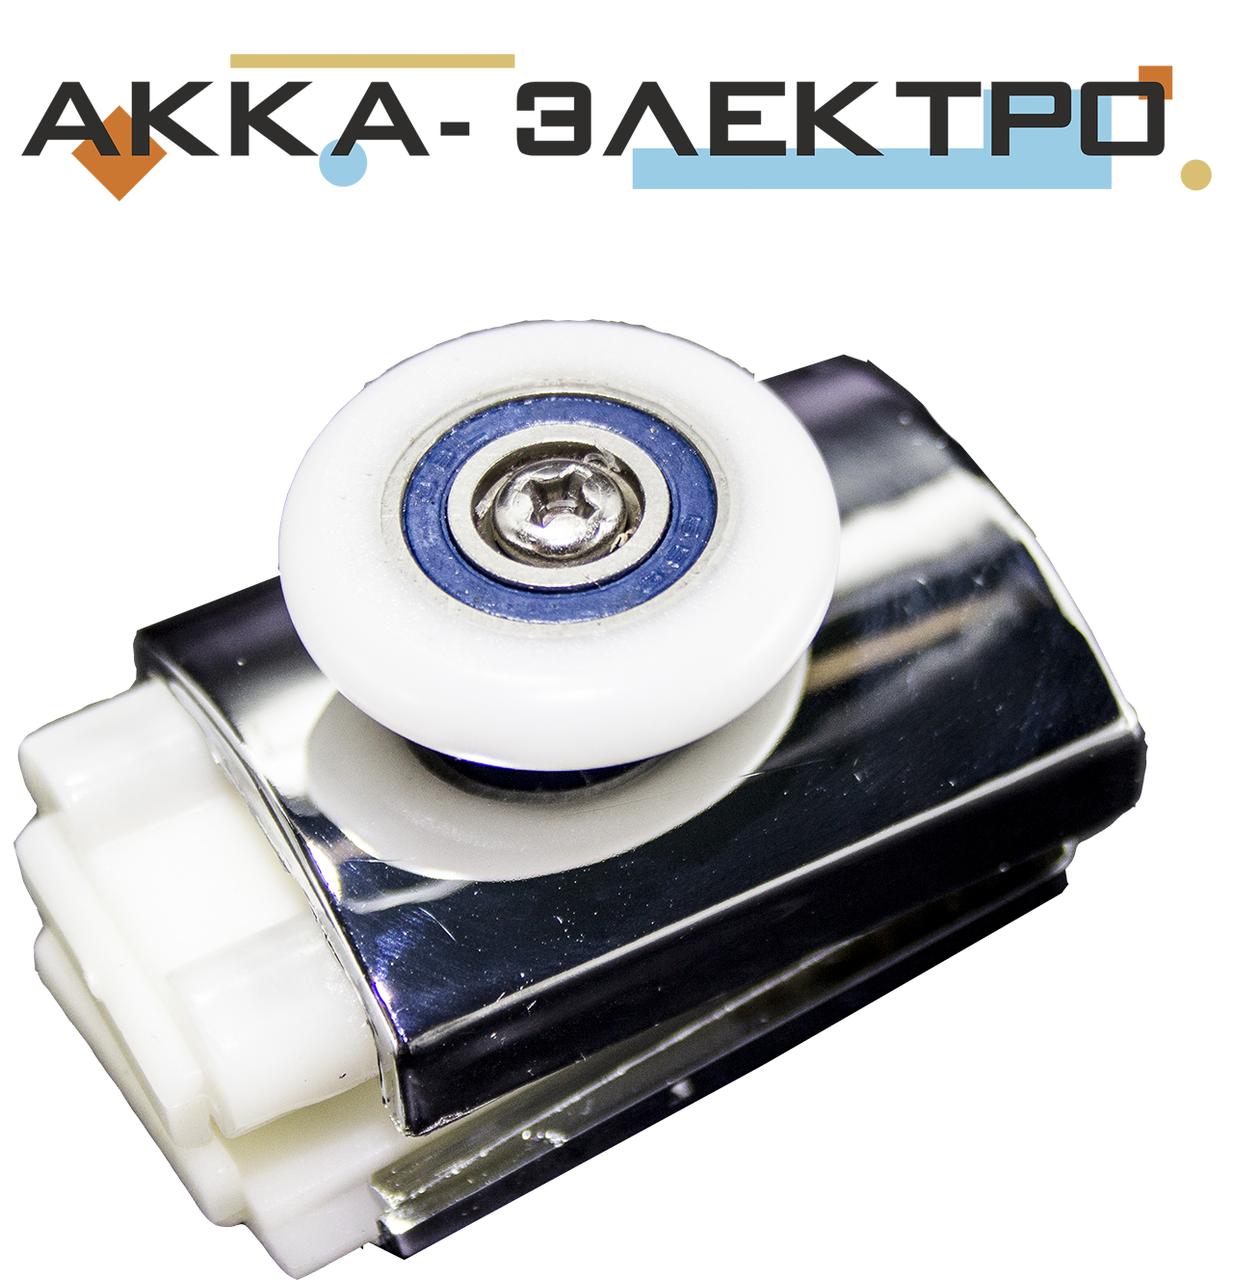 Ролик душової кабіни хромований, одинарний, нажимной ( М01А ) 22 мм